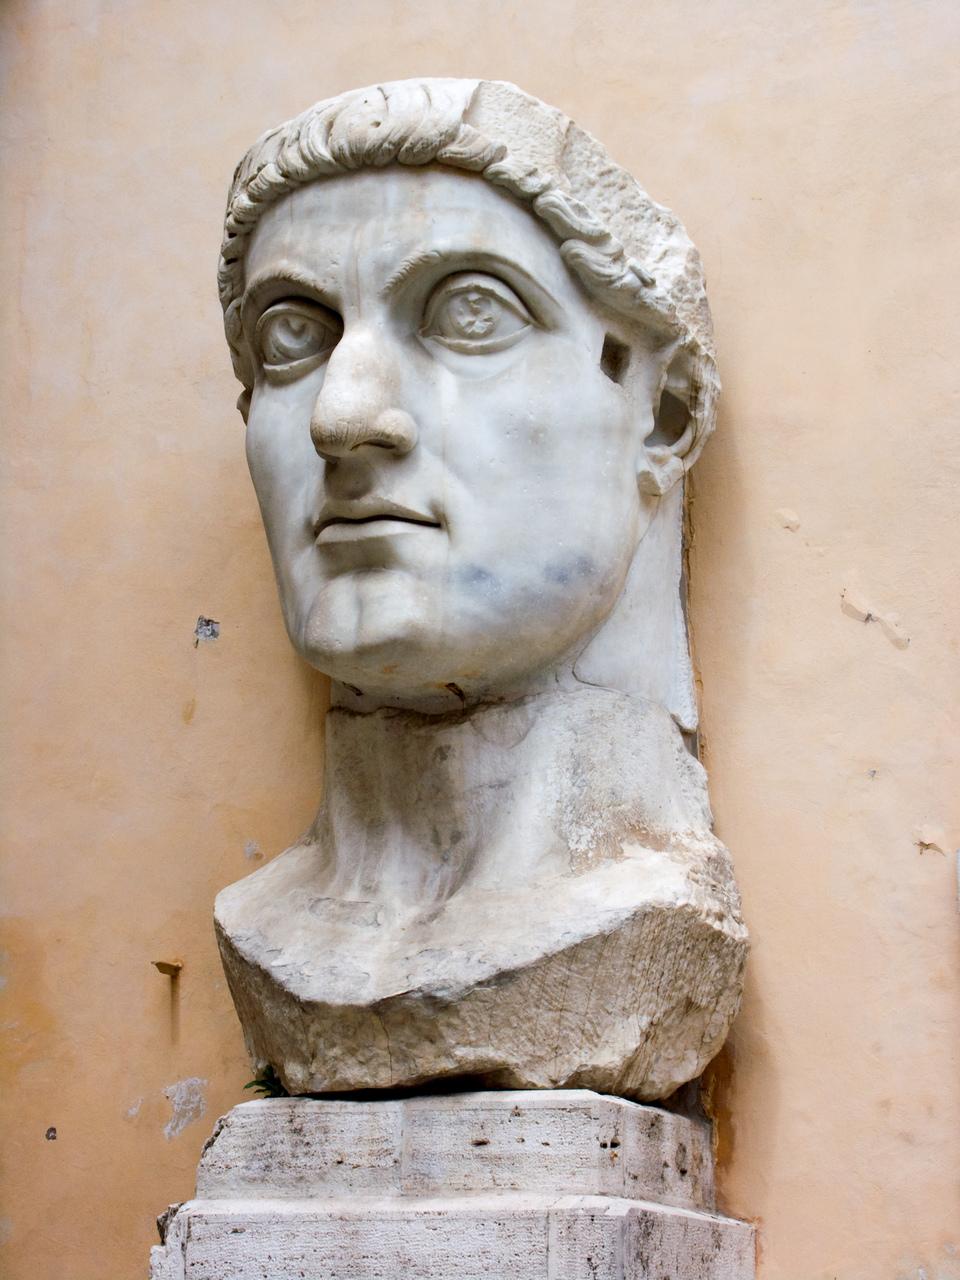 콘스탄티누스 대제의 두상(4세기), 로마 카피톨리니 박물관.